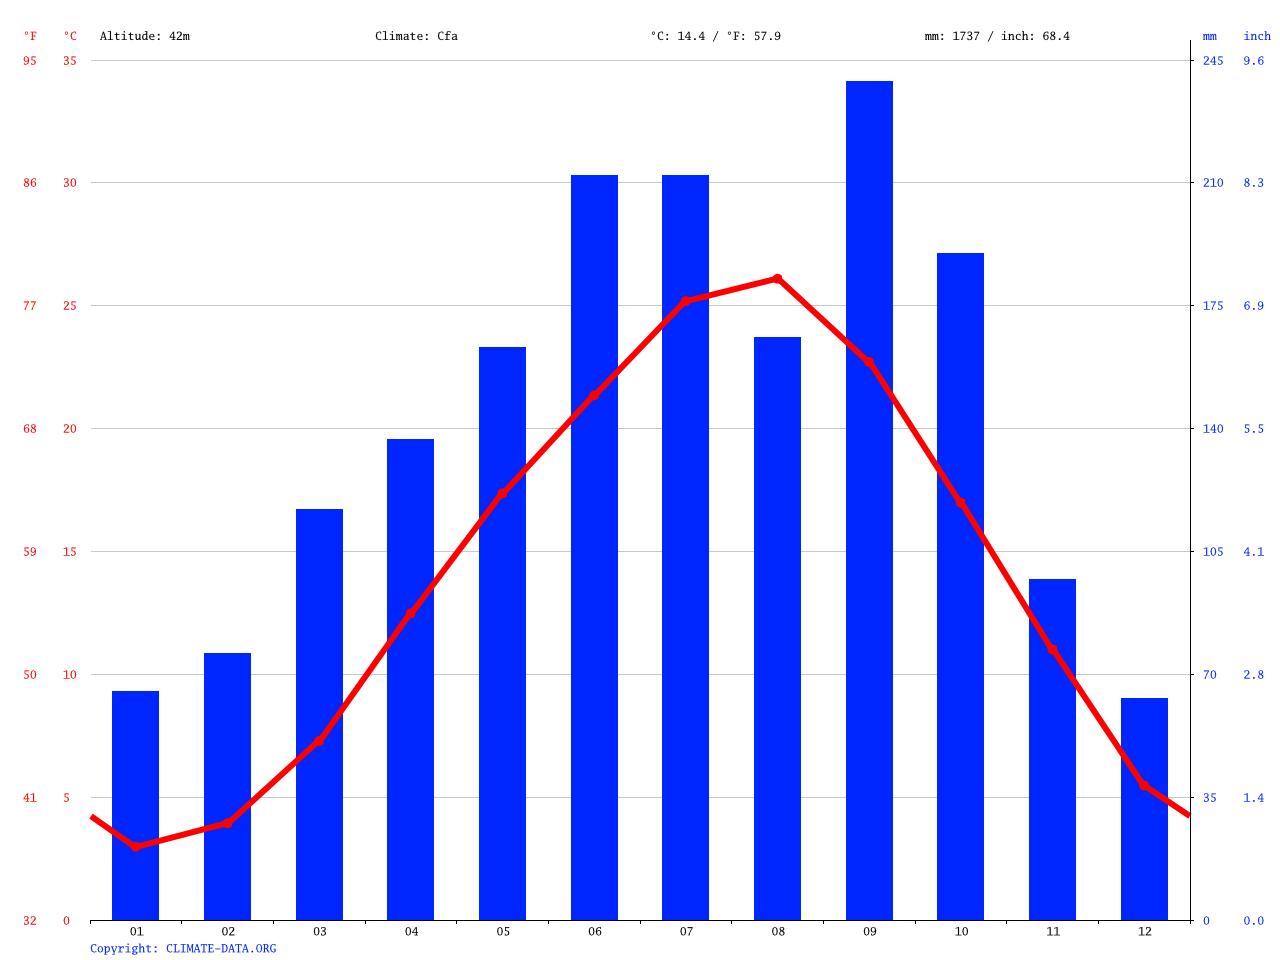 気候:東員町-気候グラフ、気温グラフ、雨温図 - Climate-Data.org